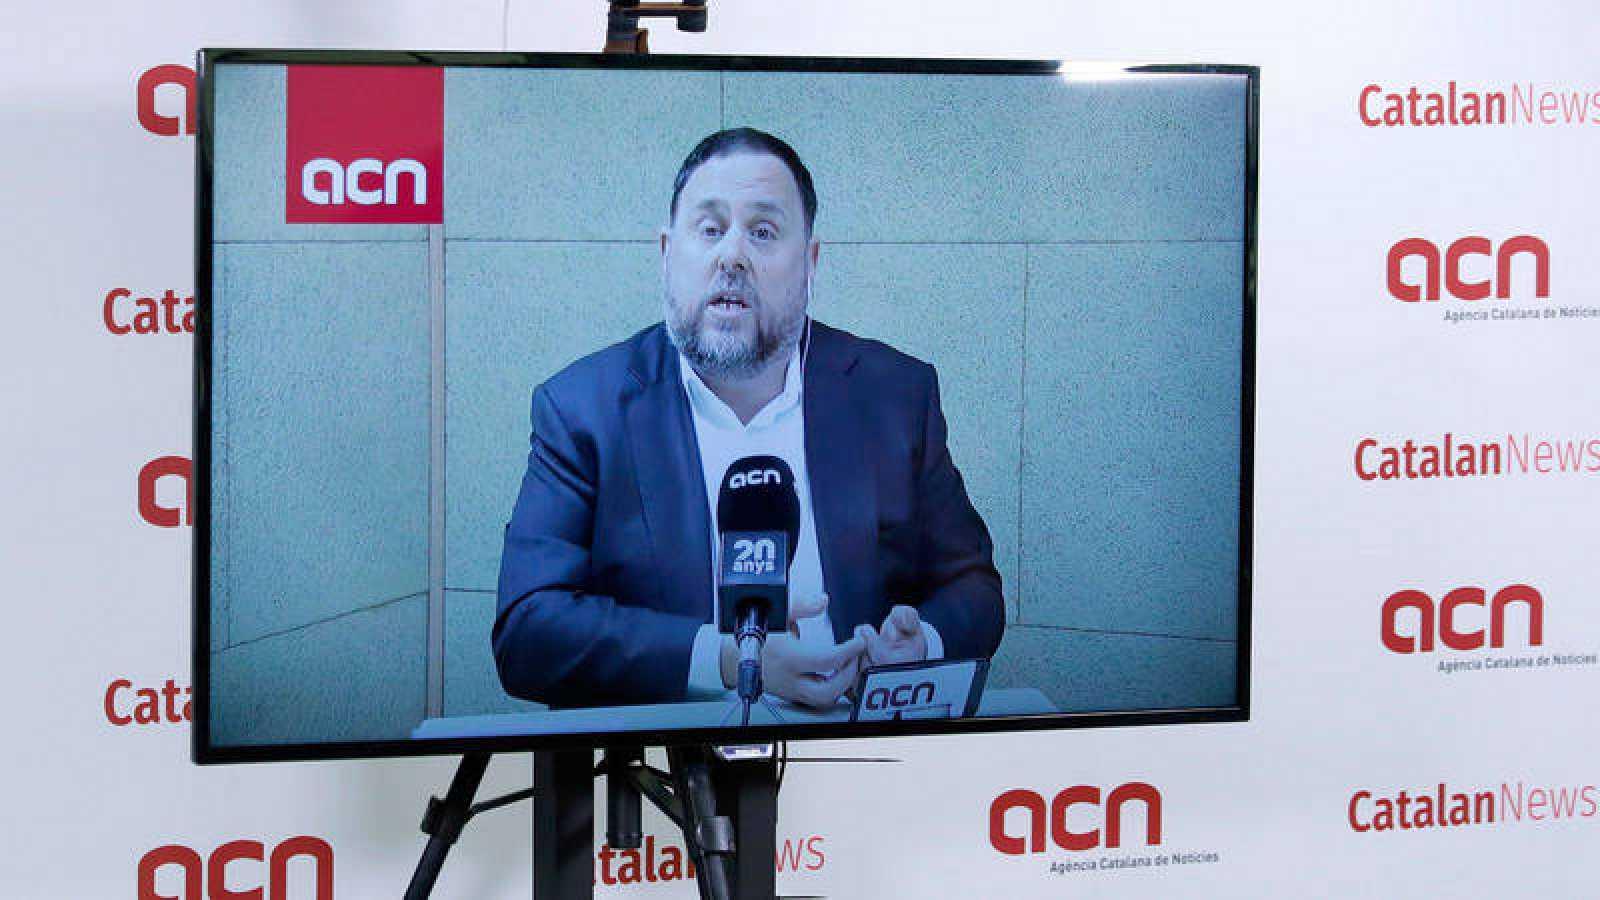 El presidente de ERC, Oriol Junqueras, responde a los periodistas por videoconferencia desde la prisión de Soto del Real.